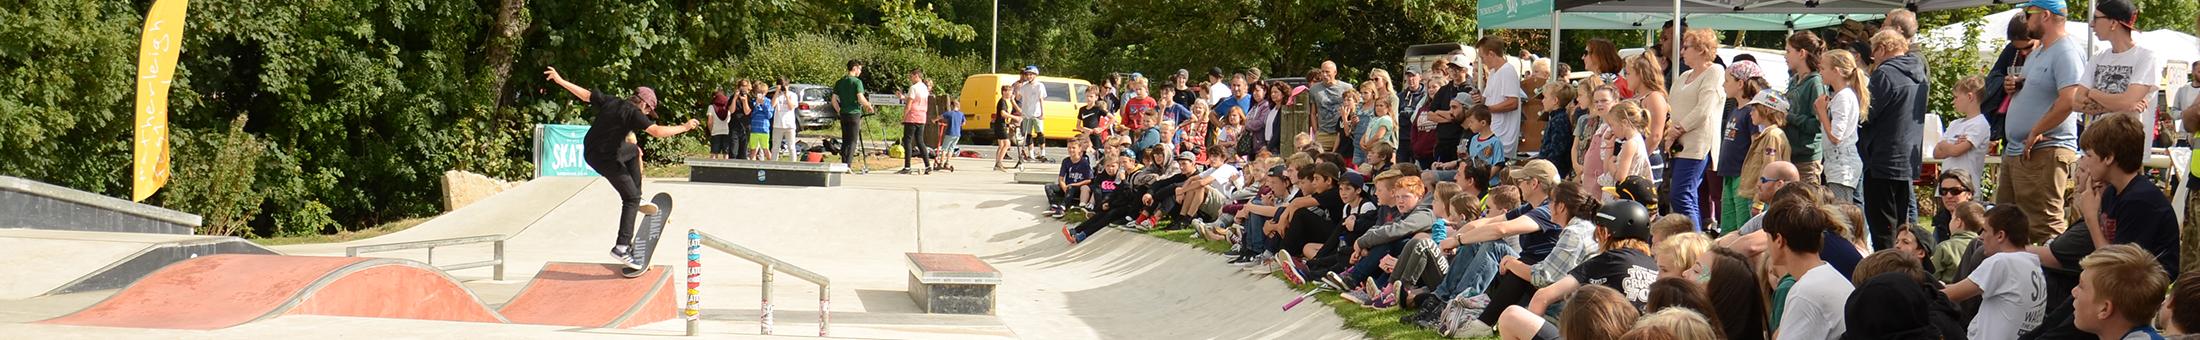 Hatherleigh Skate Jam